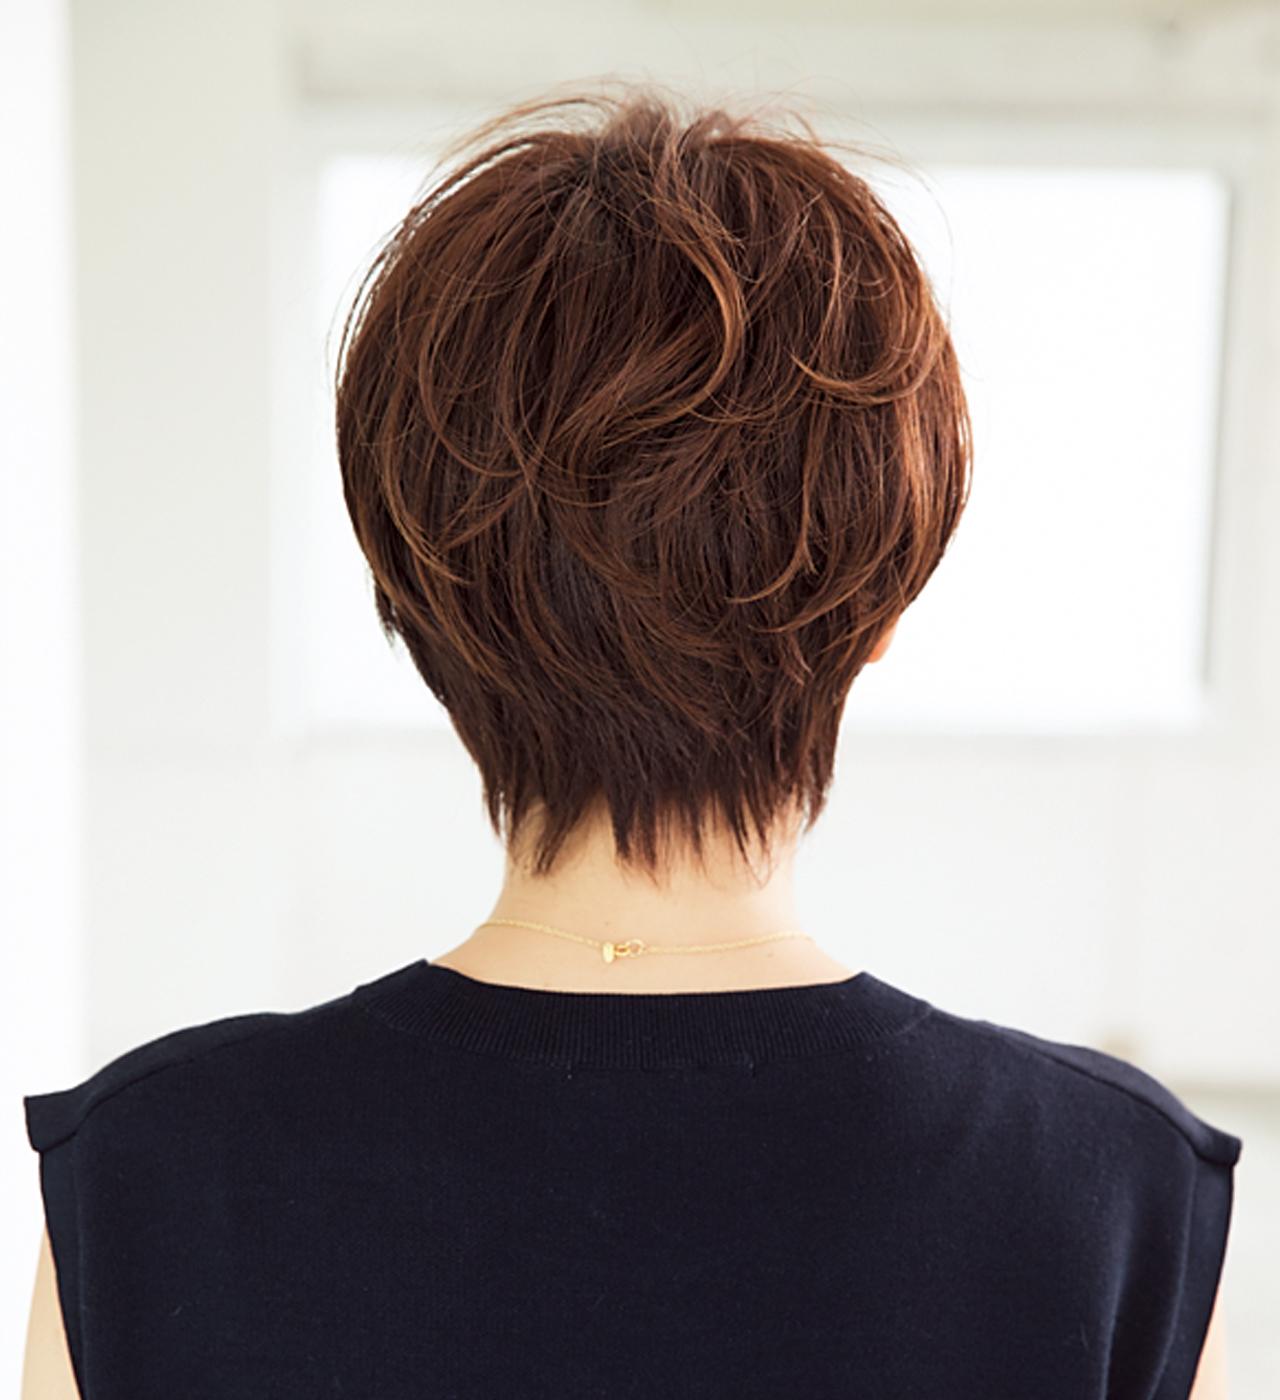 小顔効果のある「ひし形」フォルムはショートヘアの鉄板【40代のショートヘア】_1_3